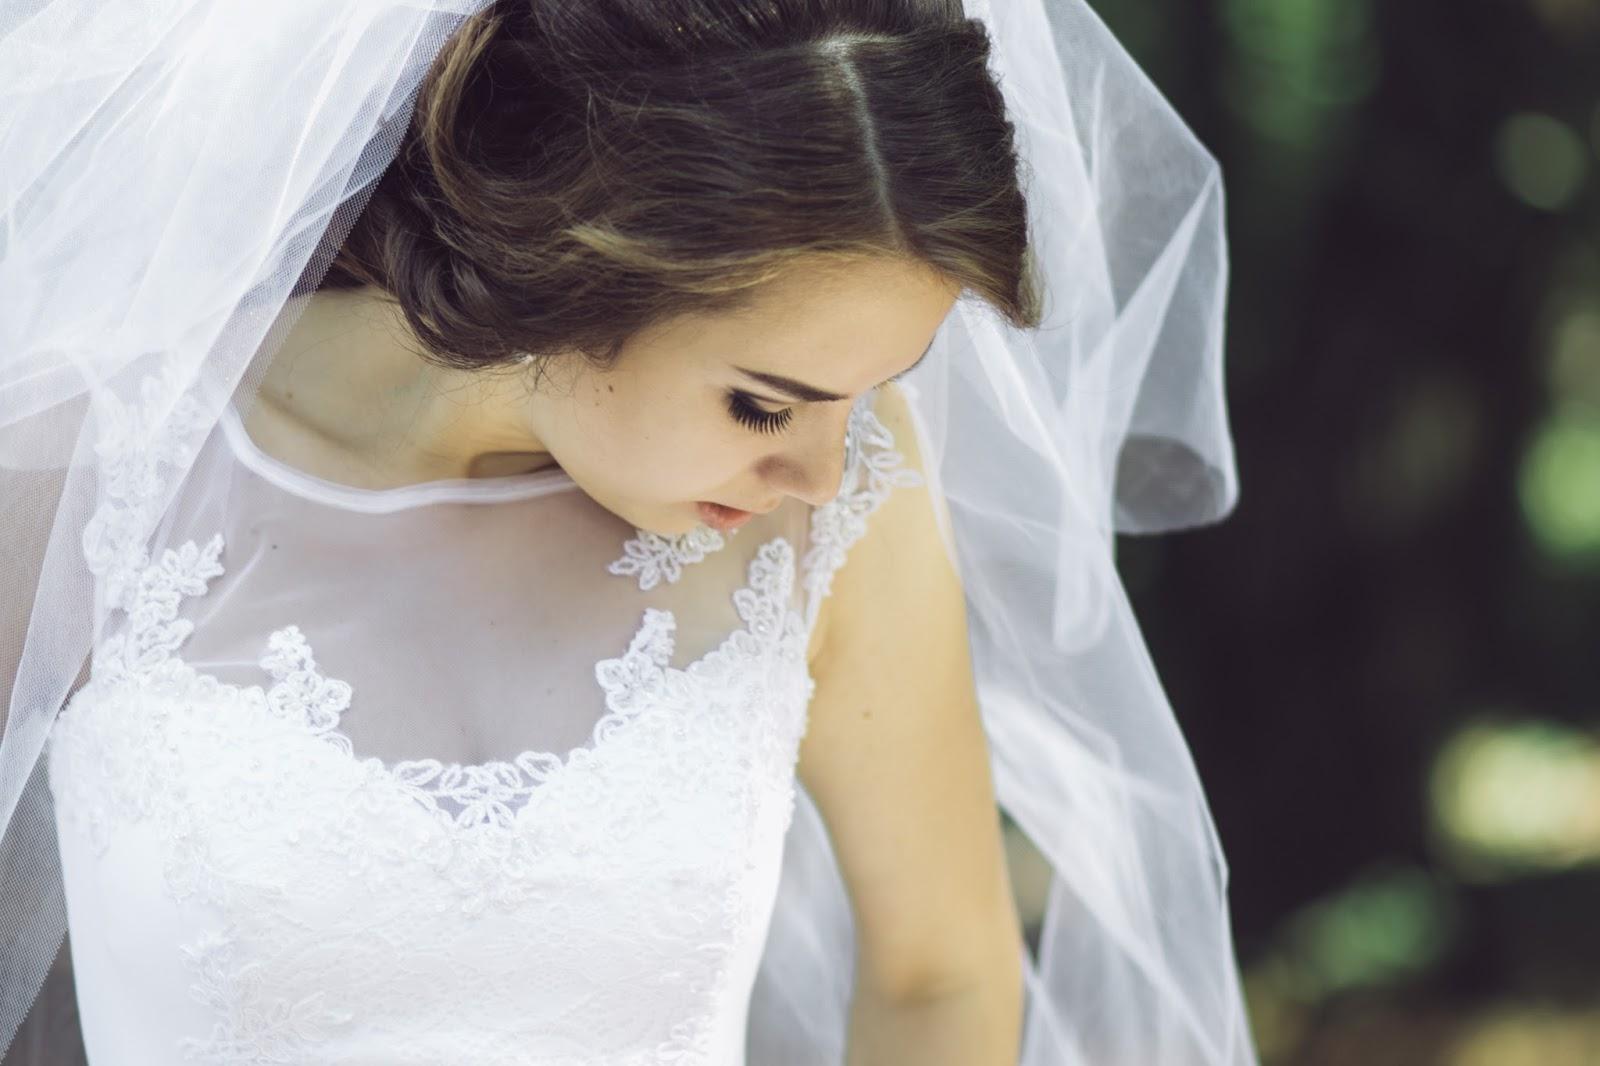 Vai valer a pena!, esperar no Senhor, vai valer a pena esperar no Senhor, Eu escolhi esperar, noiva, mulher vestida de noiva, casamento, Blog para garotas cristãs, por Milene Oliveira